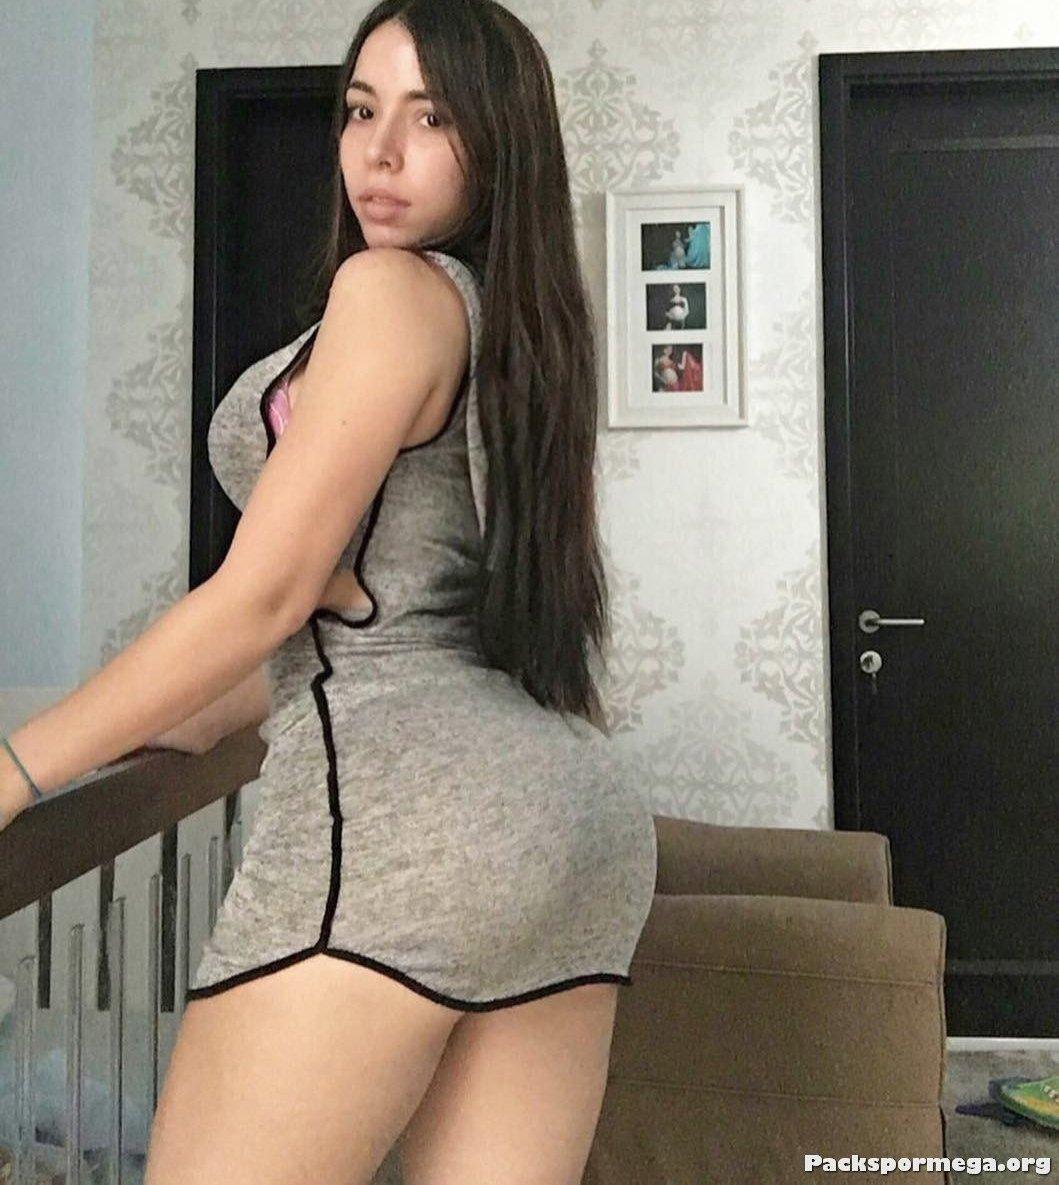 Vanessa Bohorquez Vanebp19 Onlyfans Sexy Leaks 0004